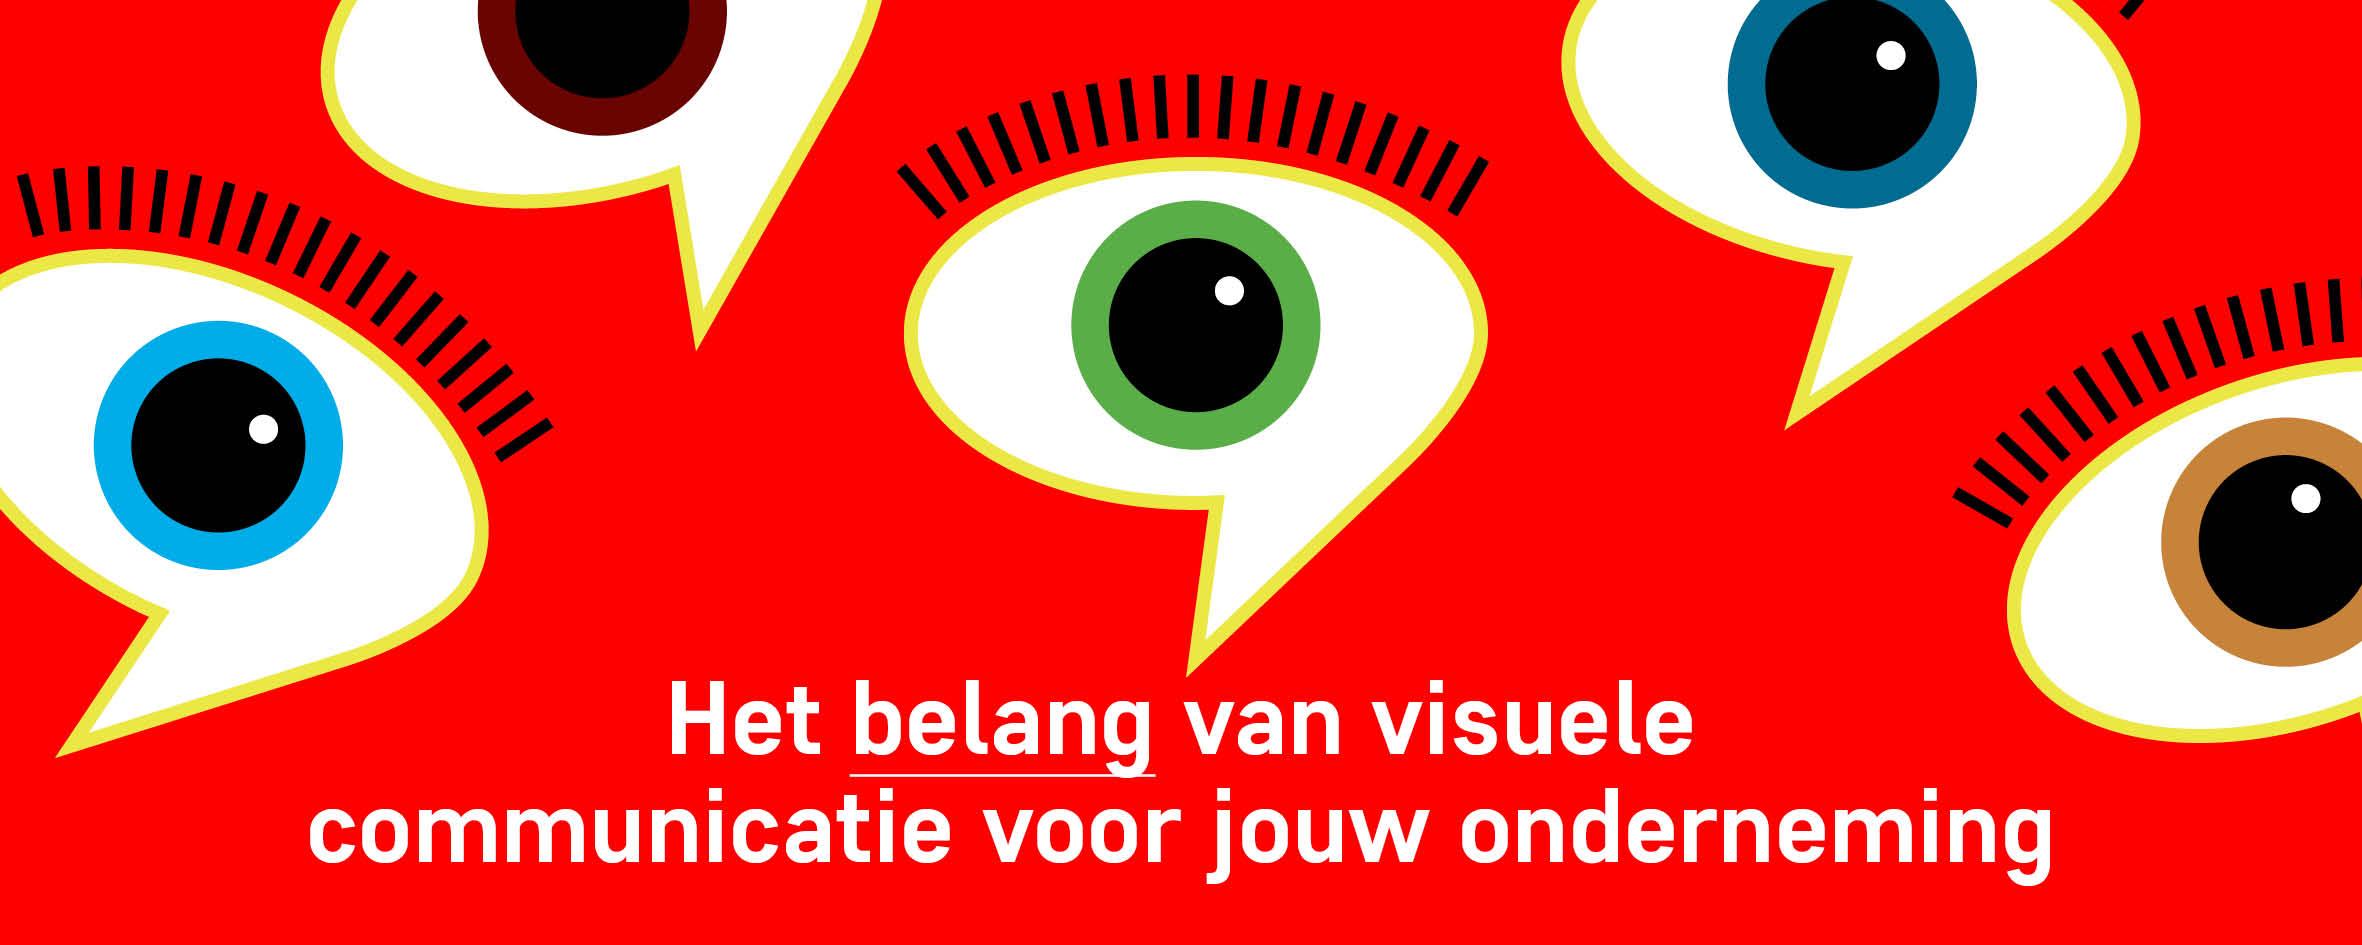 Het belang van visuele communicatie voor jouw onderneming